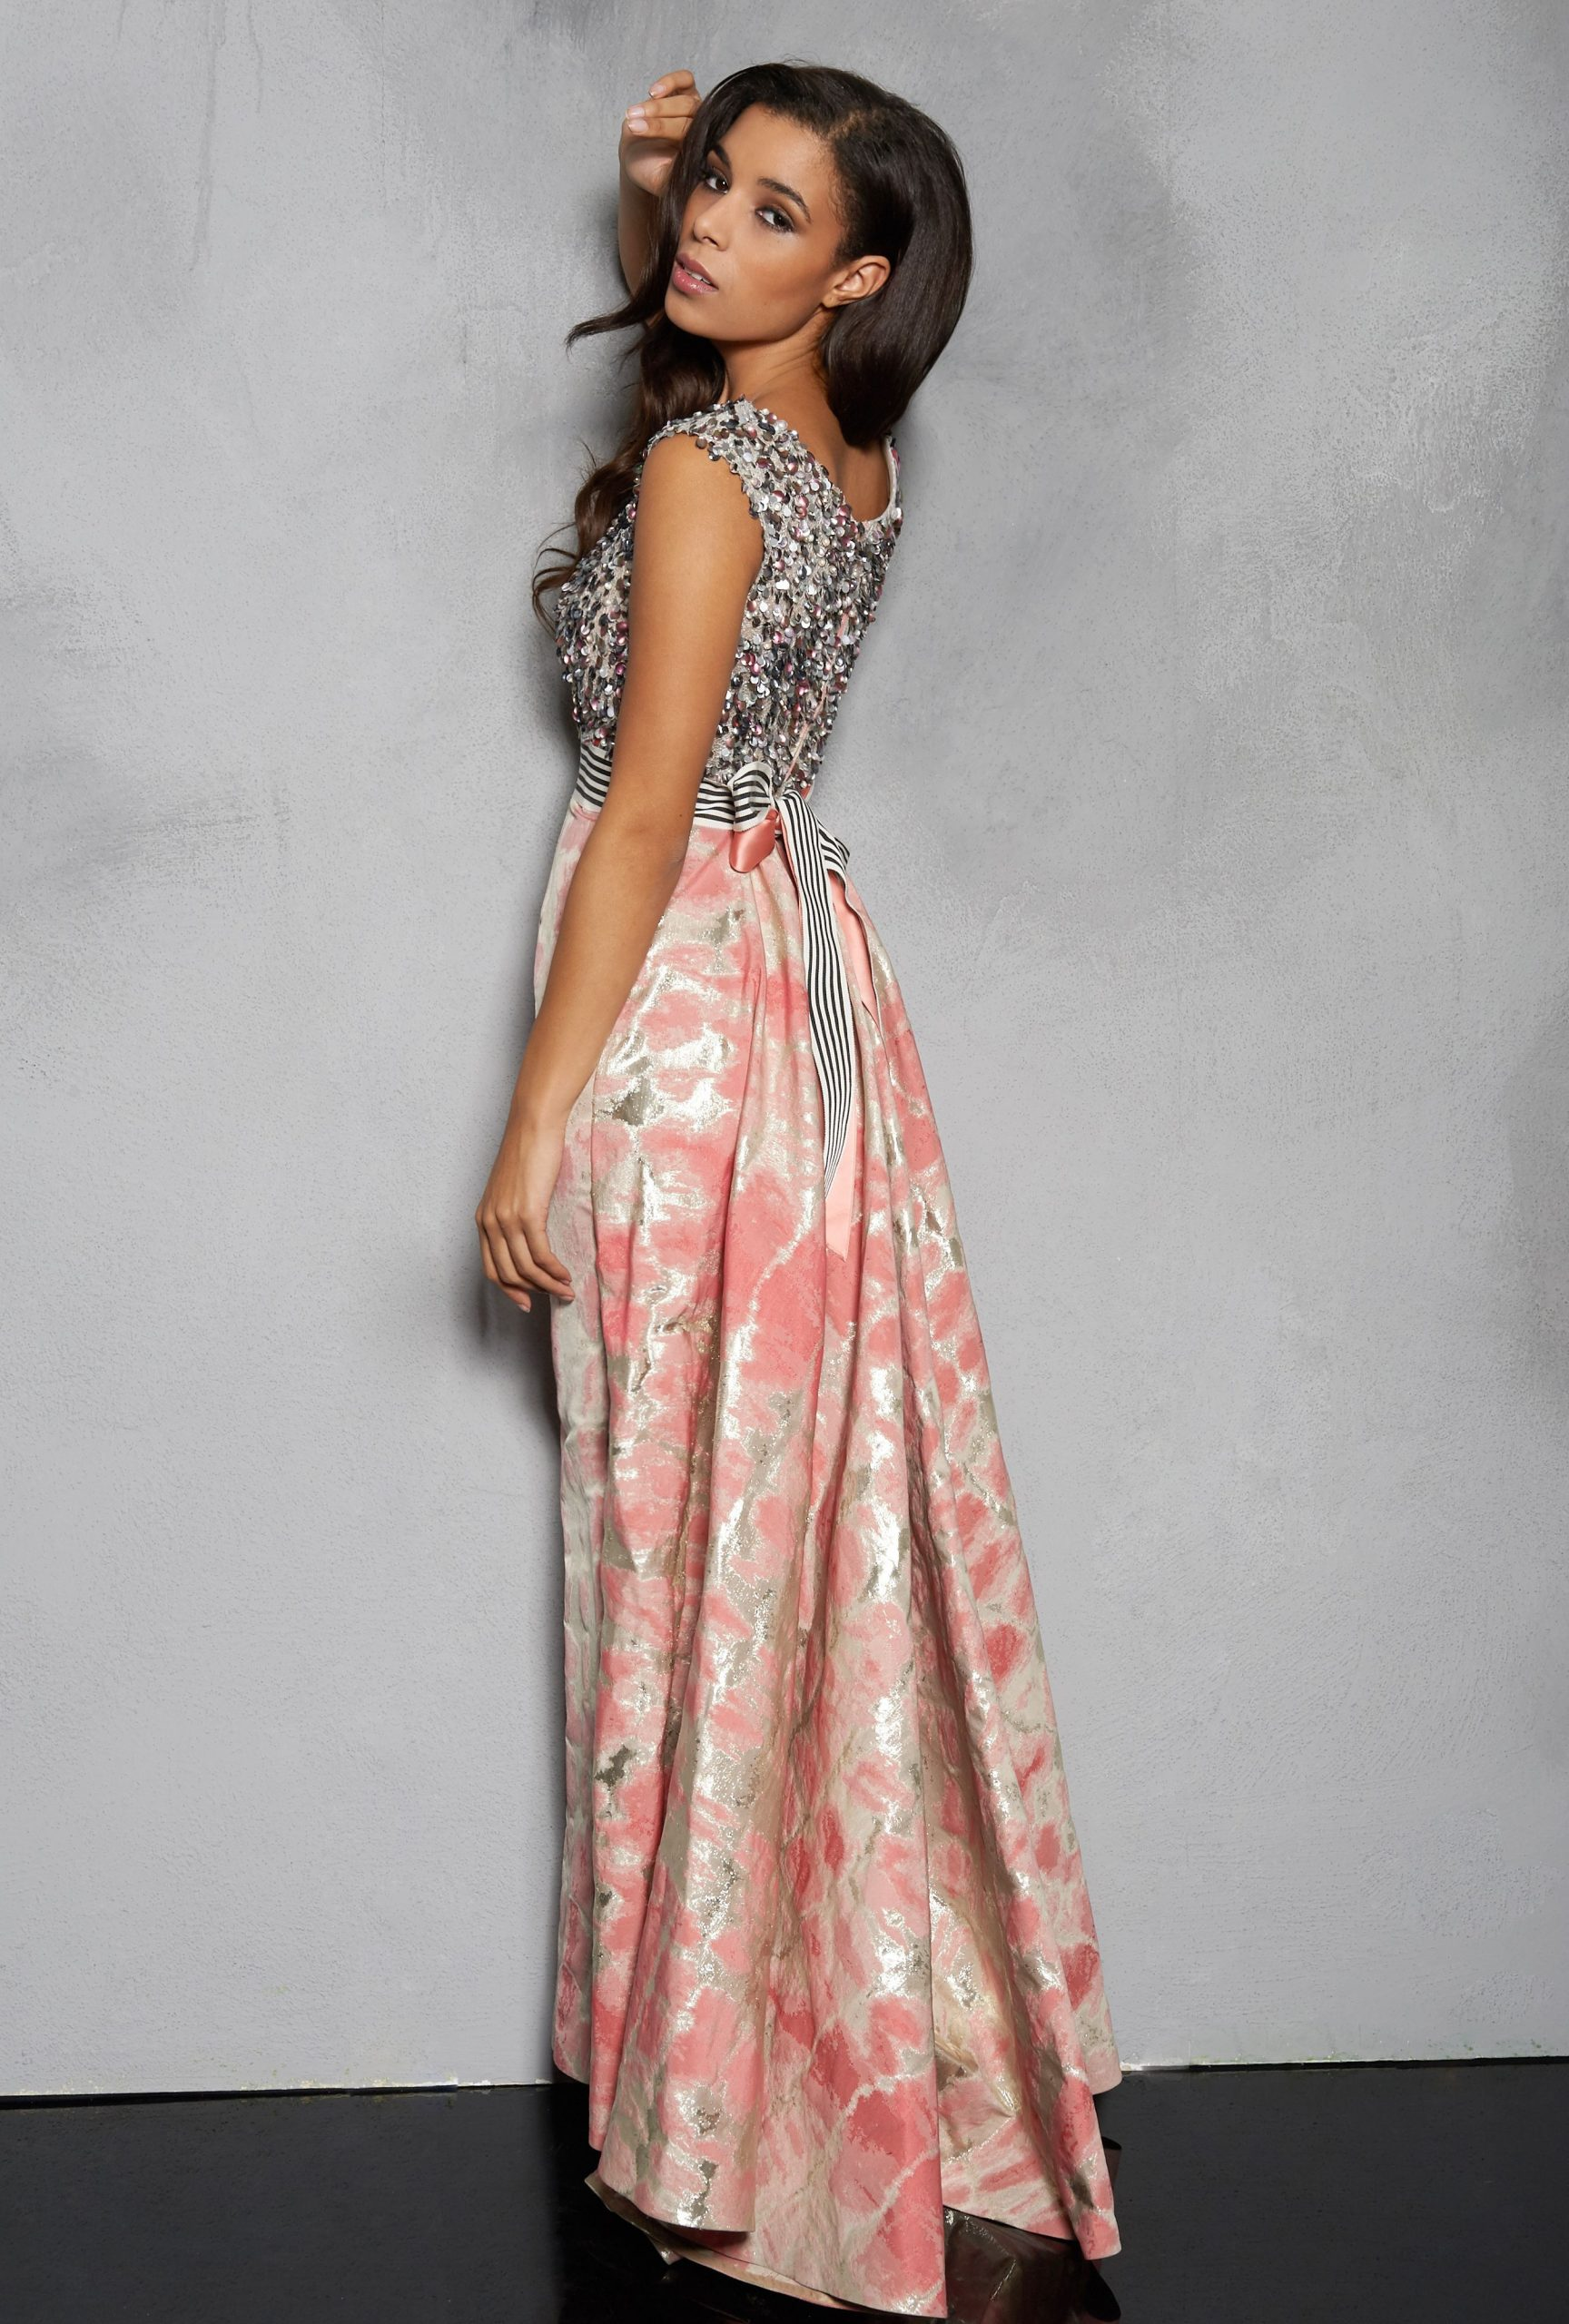 10 Elegant Abendkleid Leihen Design17 Luxurius Abendkleid Leihen Galerie